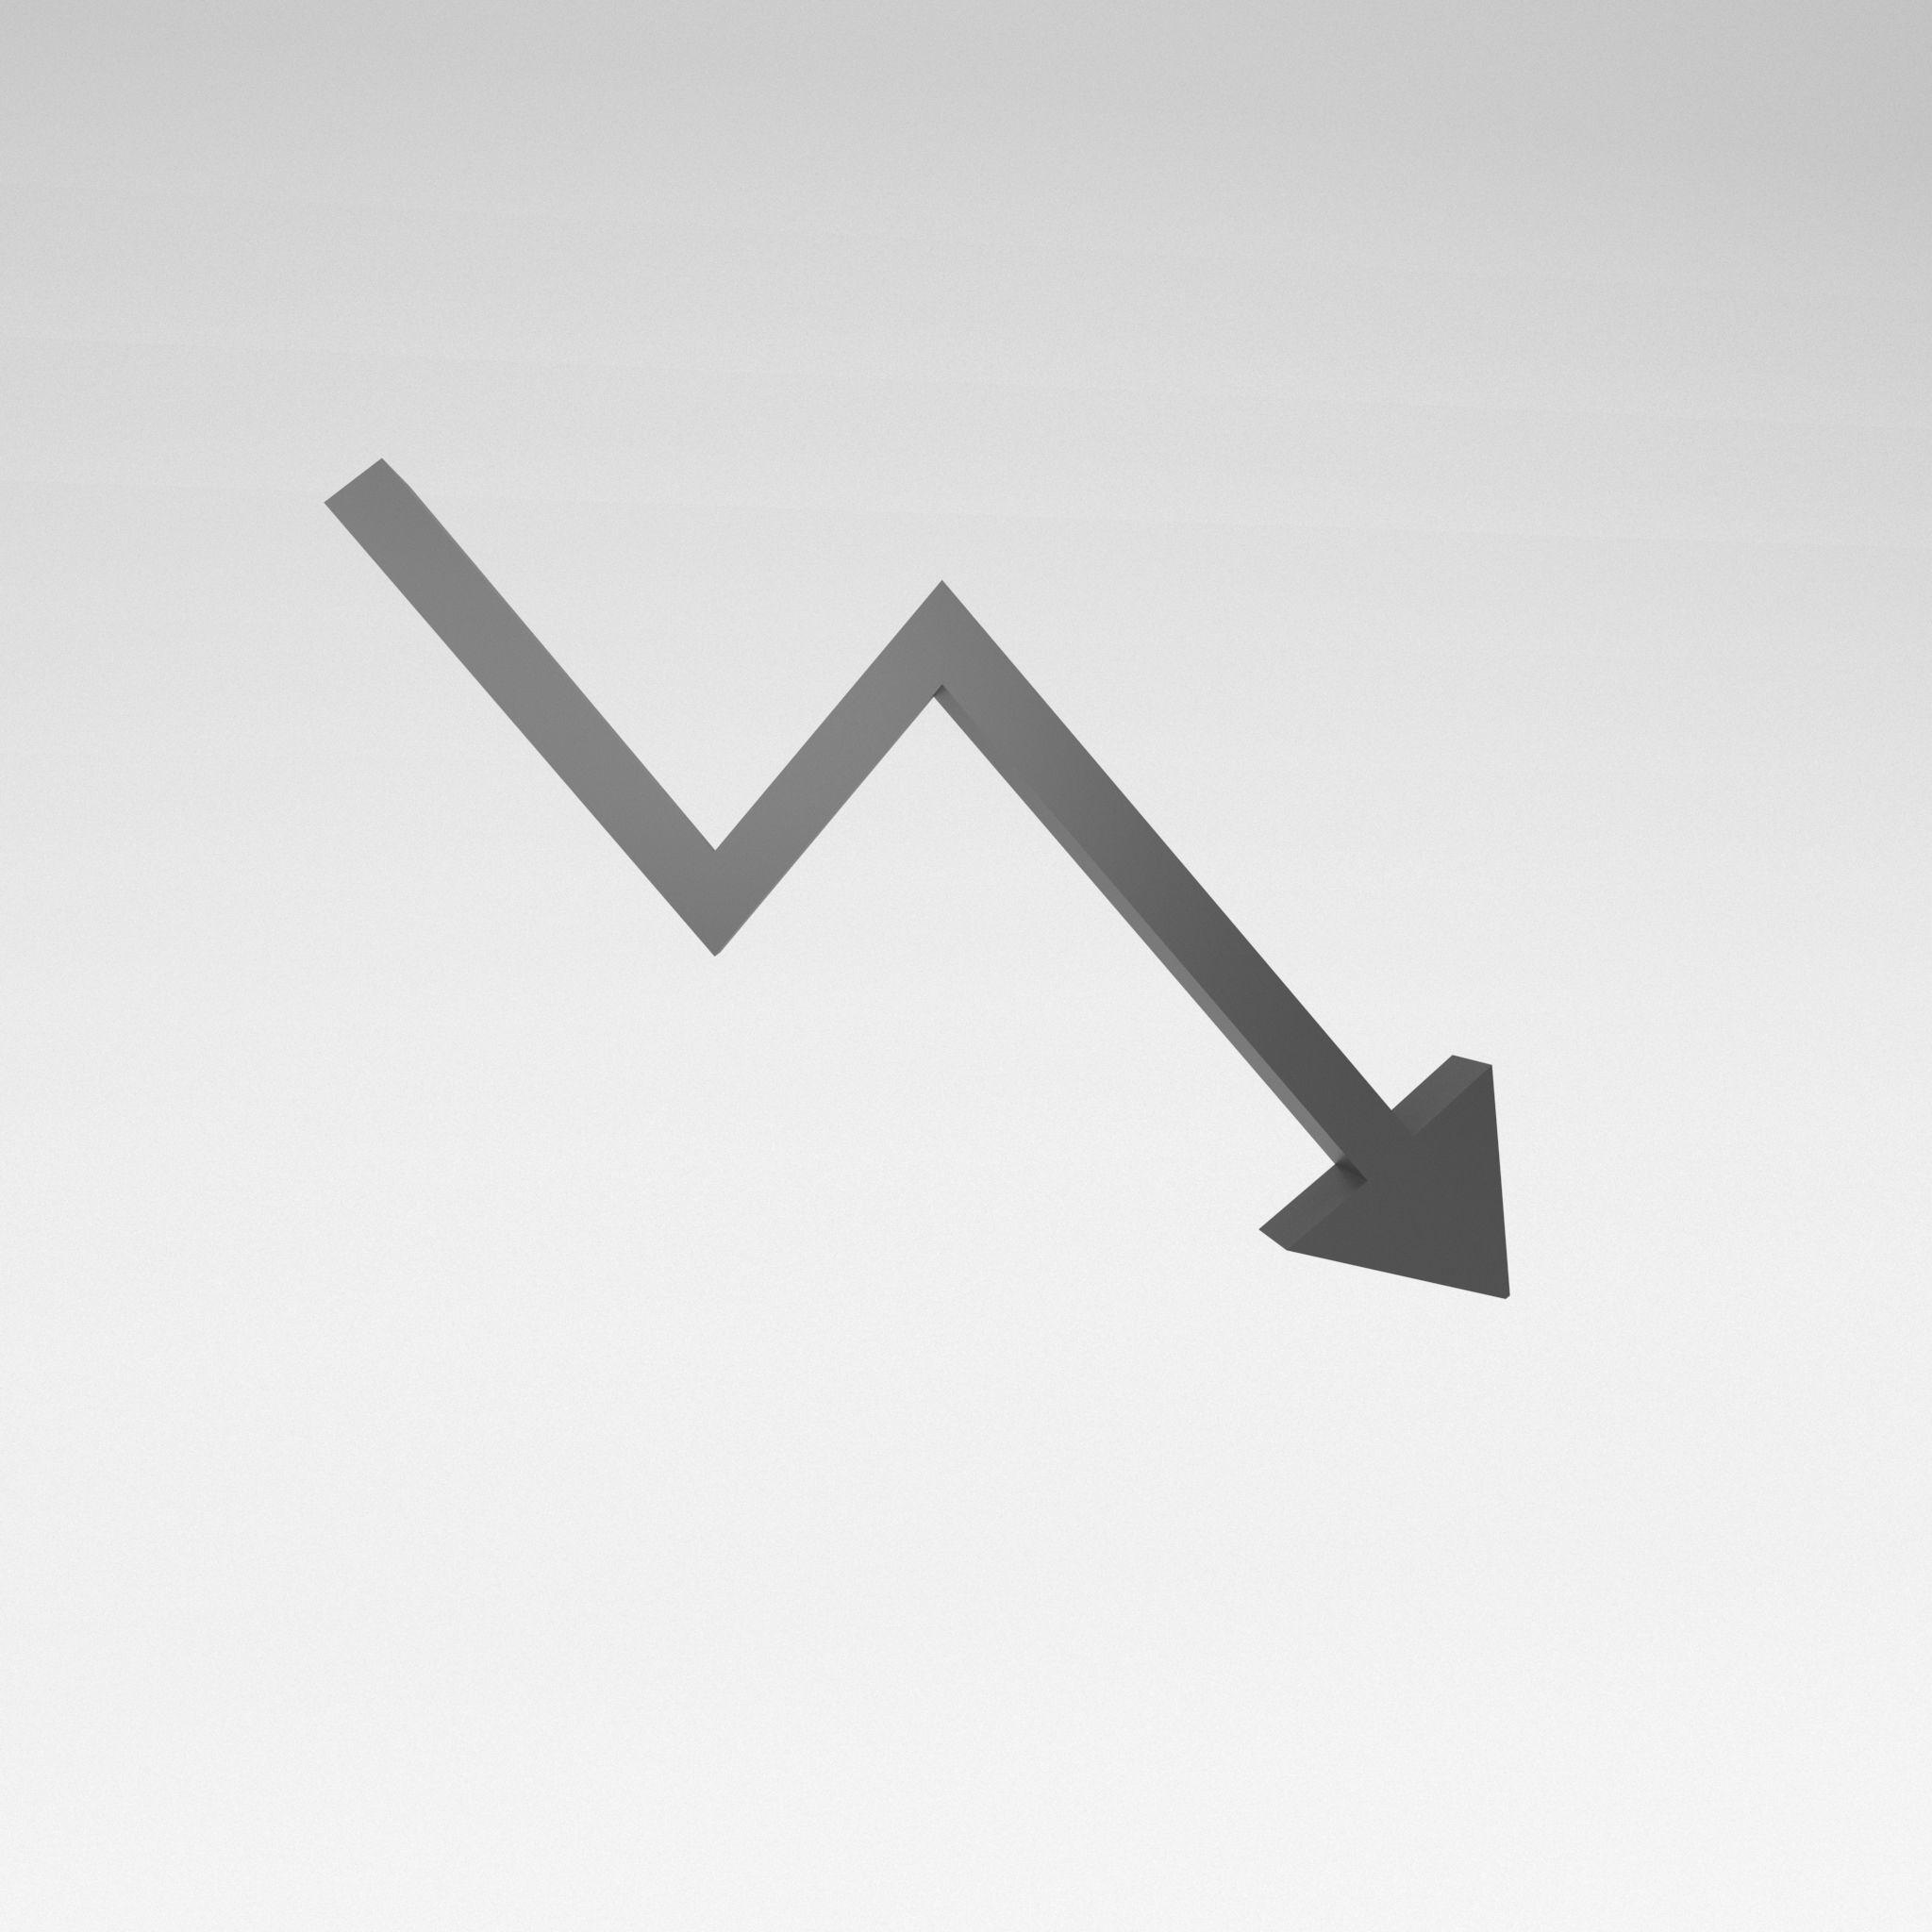 Stock Down Symbol v1 002